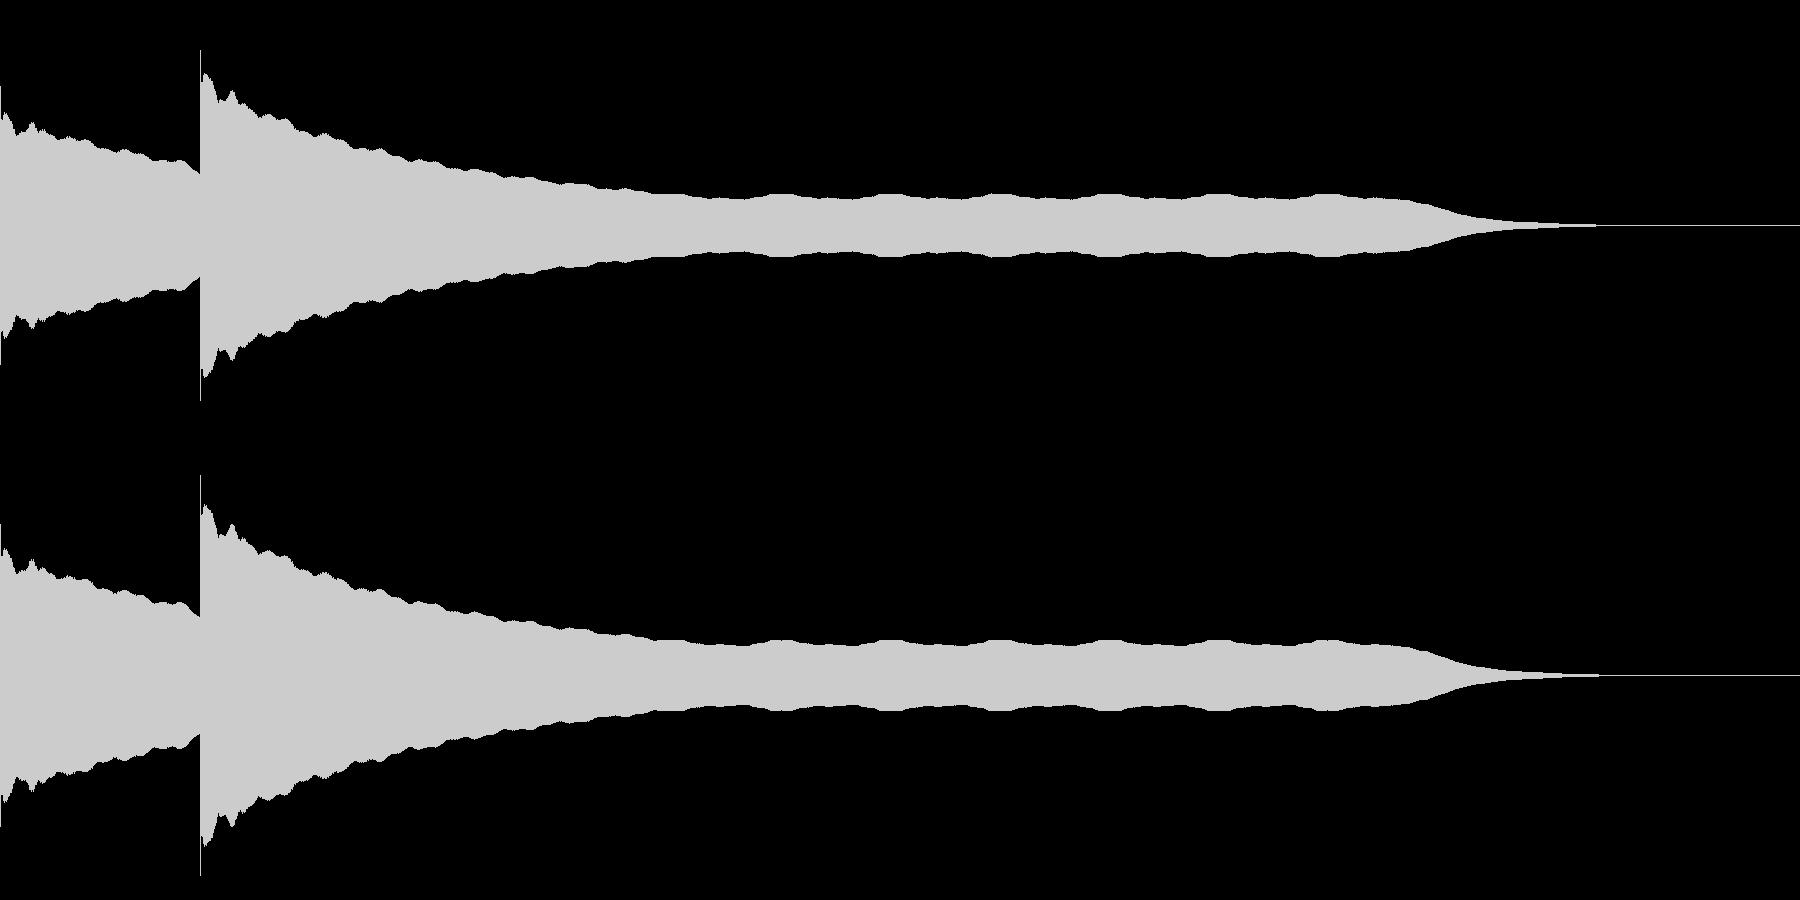 チーンチーン 仏壇の鐘の音3の未再生の波形